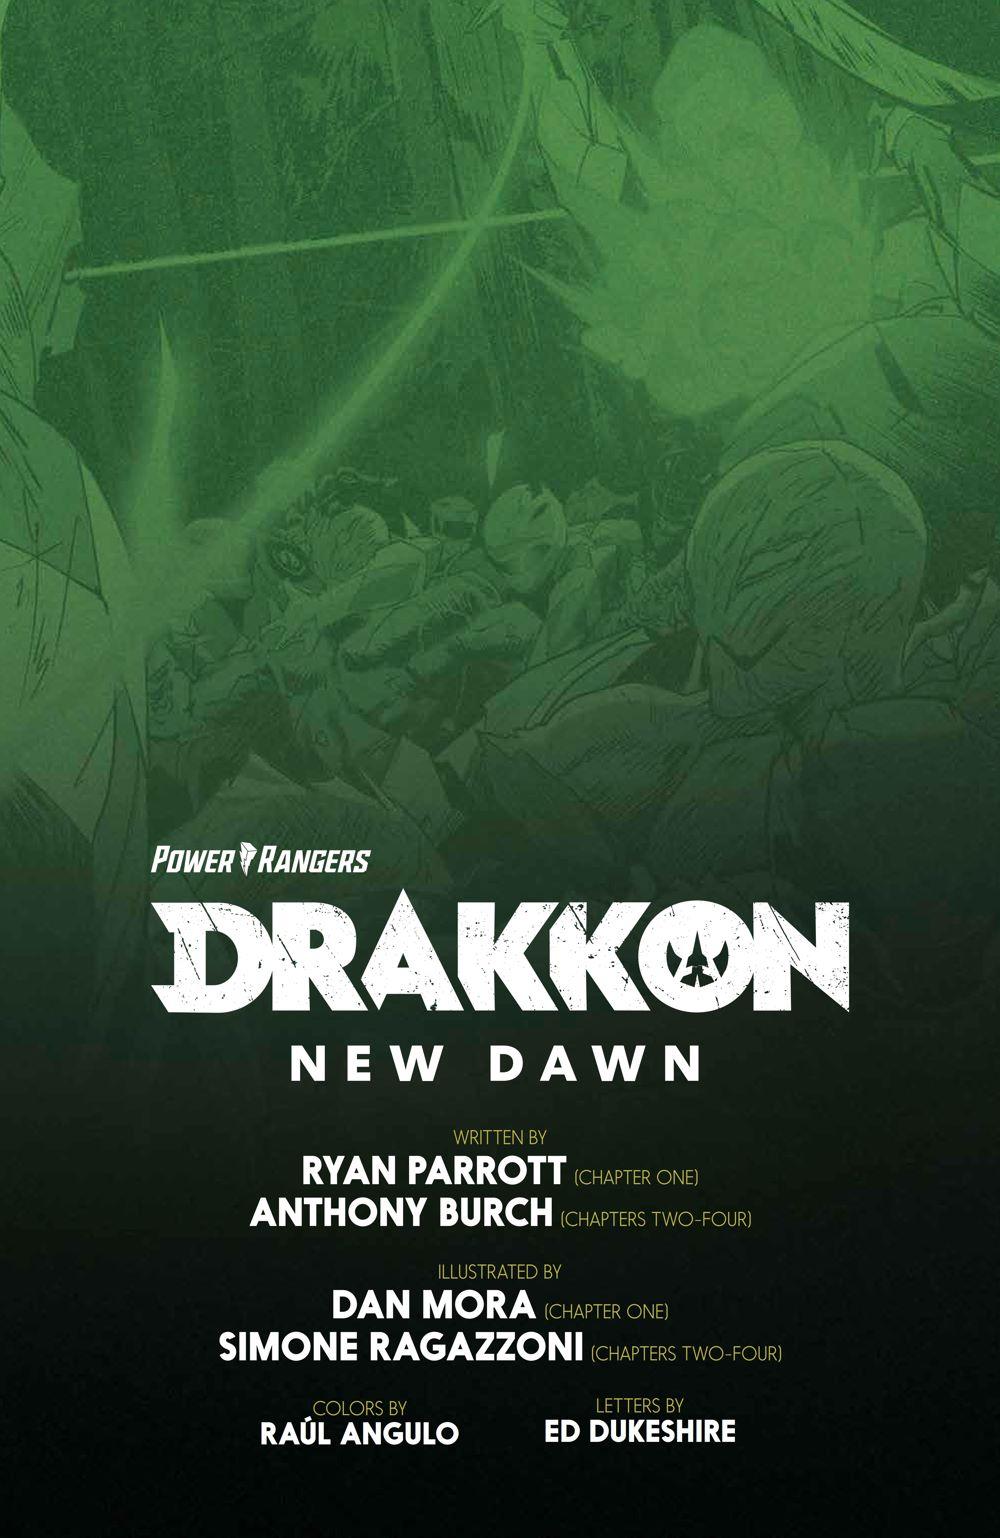 DrakkonNewDawn_SC_PRESS_5 ComicList Previews: POWER RANGERS DRAKKON NEW DAWN TP